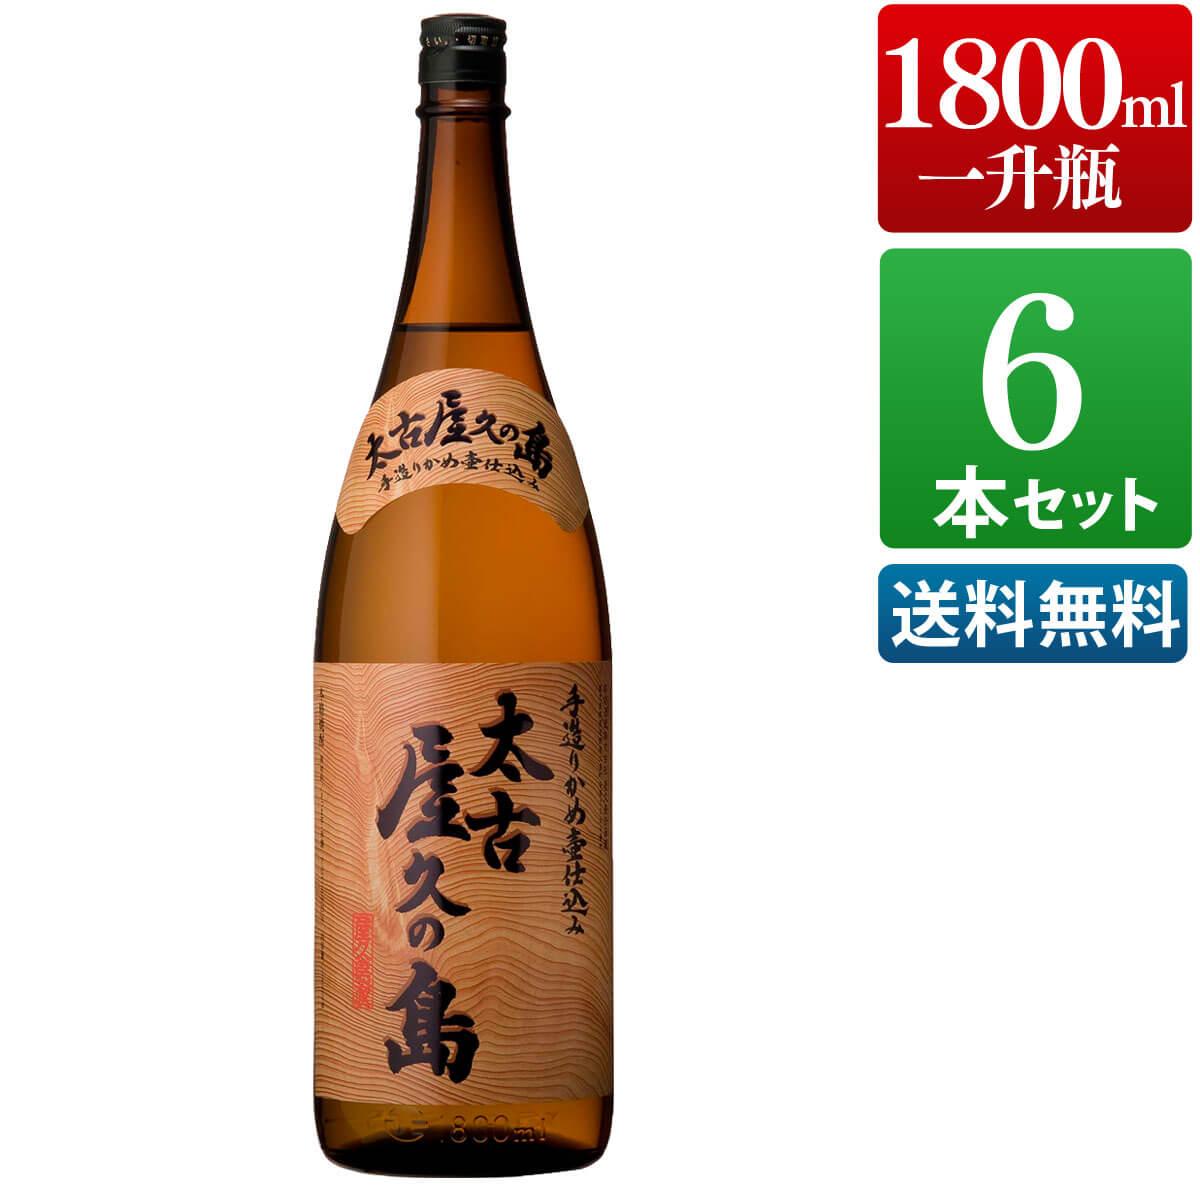 芋焼酎 6本セット 太古屋久の島 25度 1800ml [ 本坊酒造 芋焼酎 / 送料無料 ]